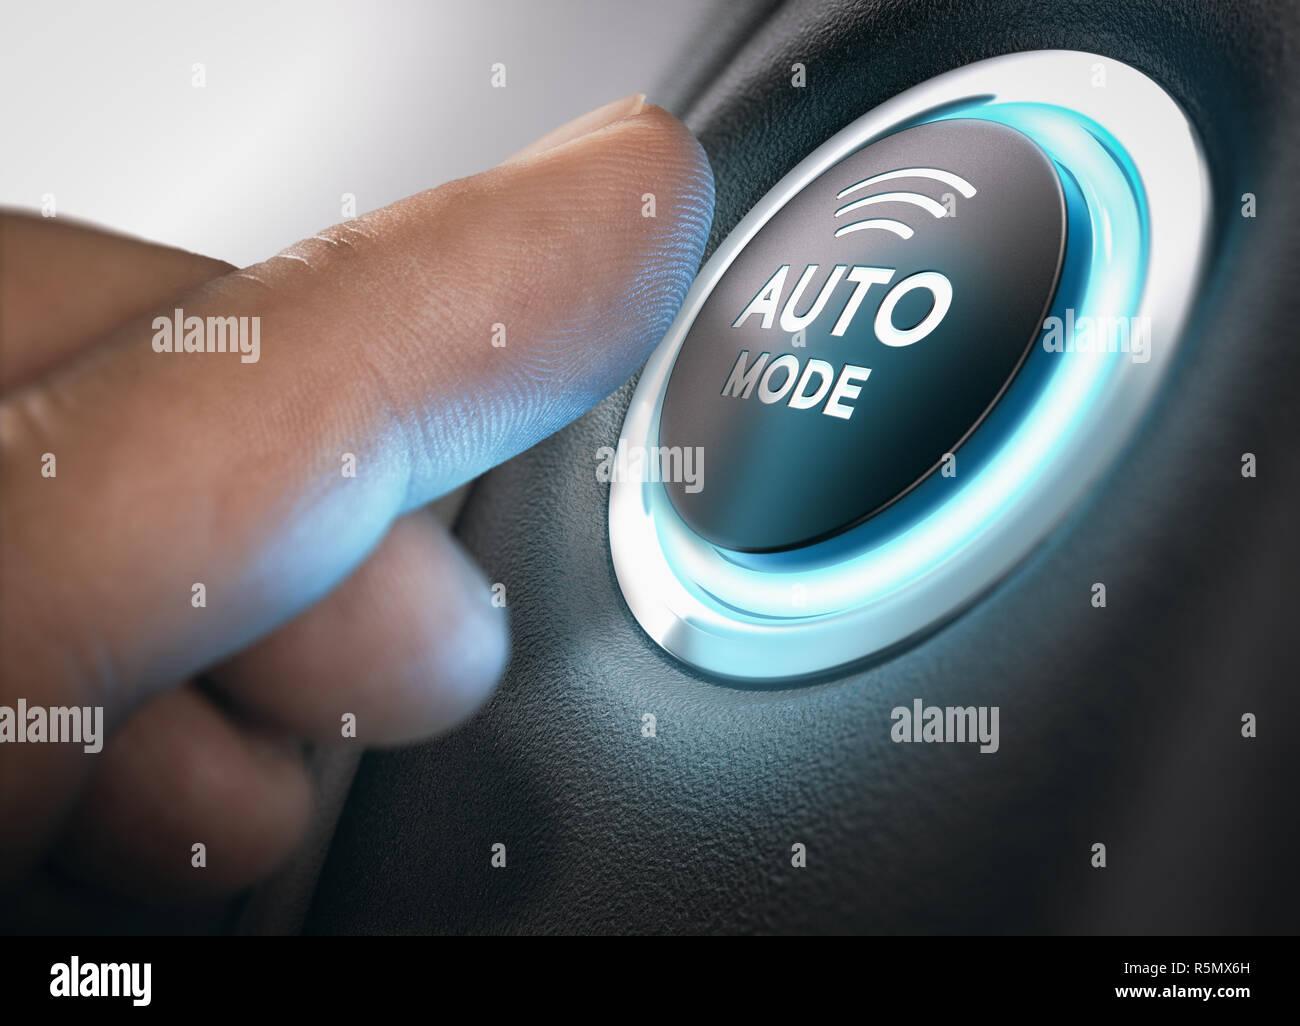 Automatic Mode Engaged - Stock Image